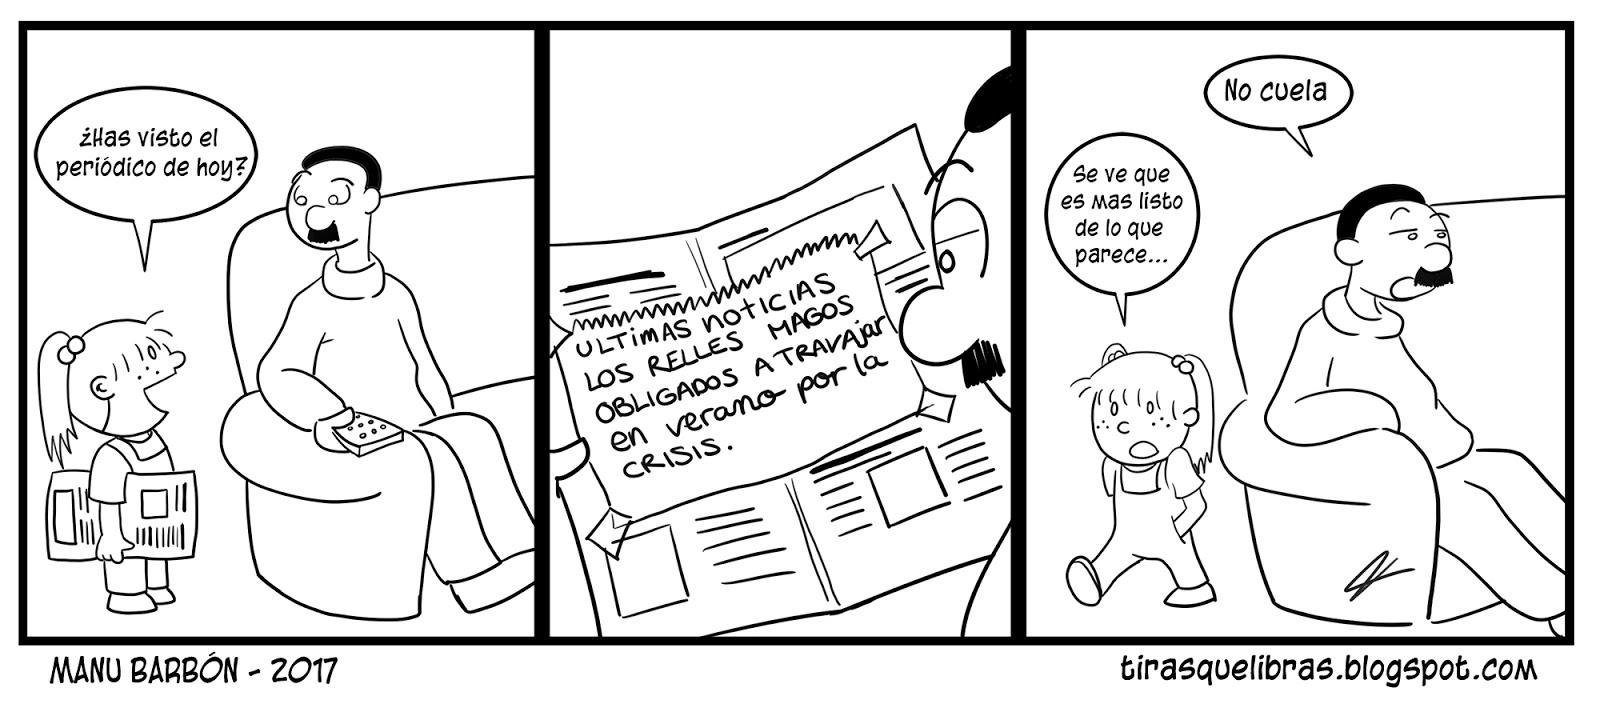 webcomic jen, navidad en verano